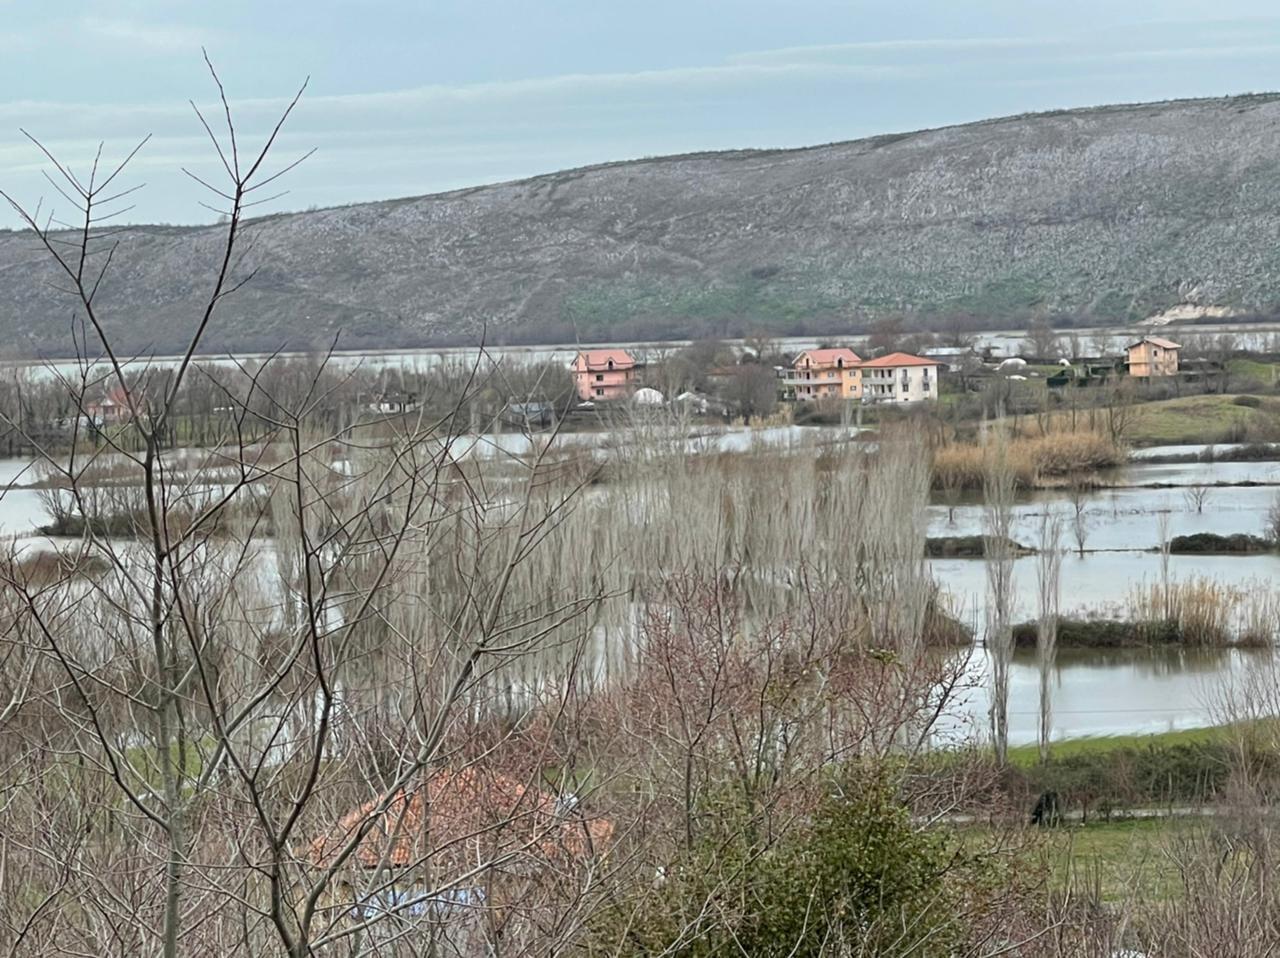 Gjashtë shtëpi të përmbytura në Dajç: Argjinatura e Darragjatit e dëmtuar, uji po vërshon në zonë të banuar